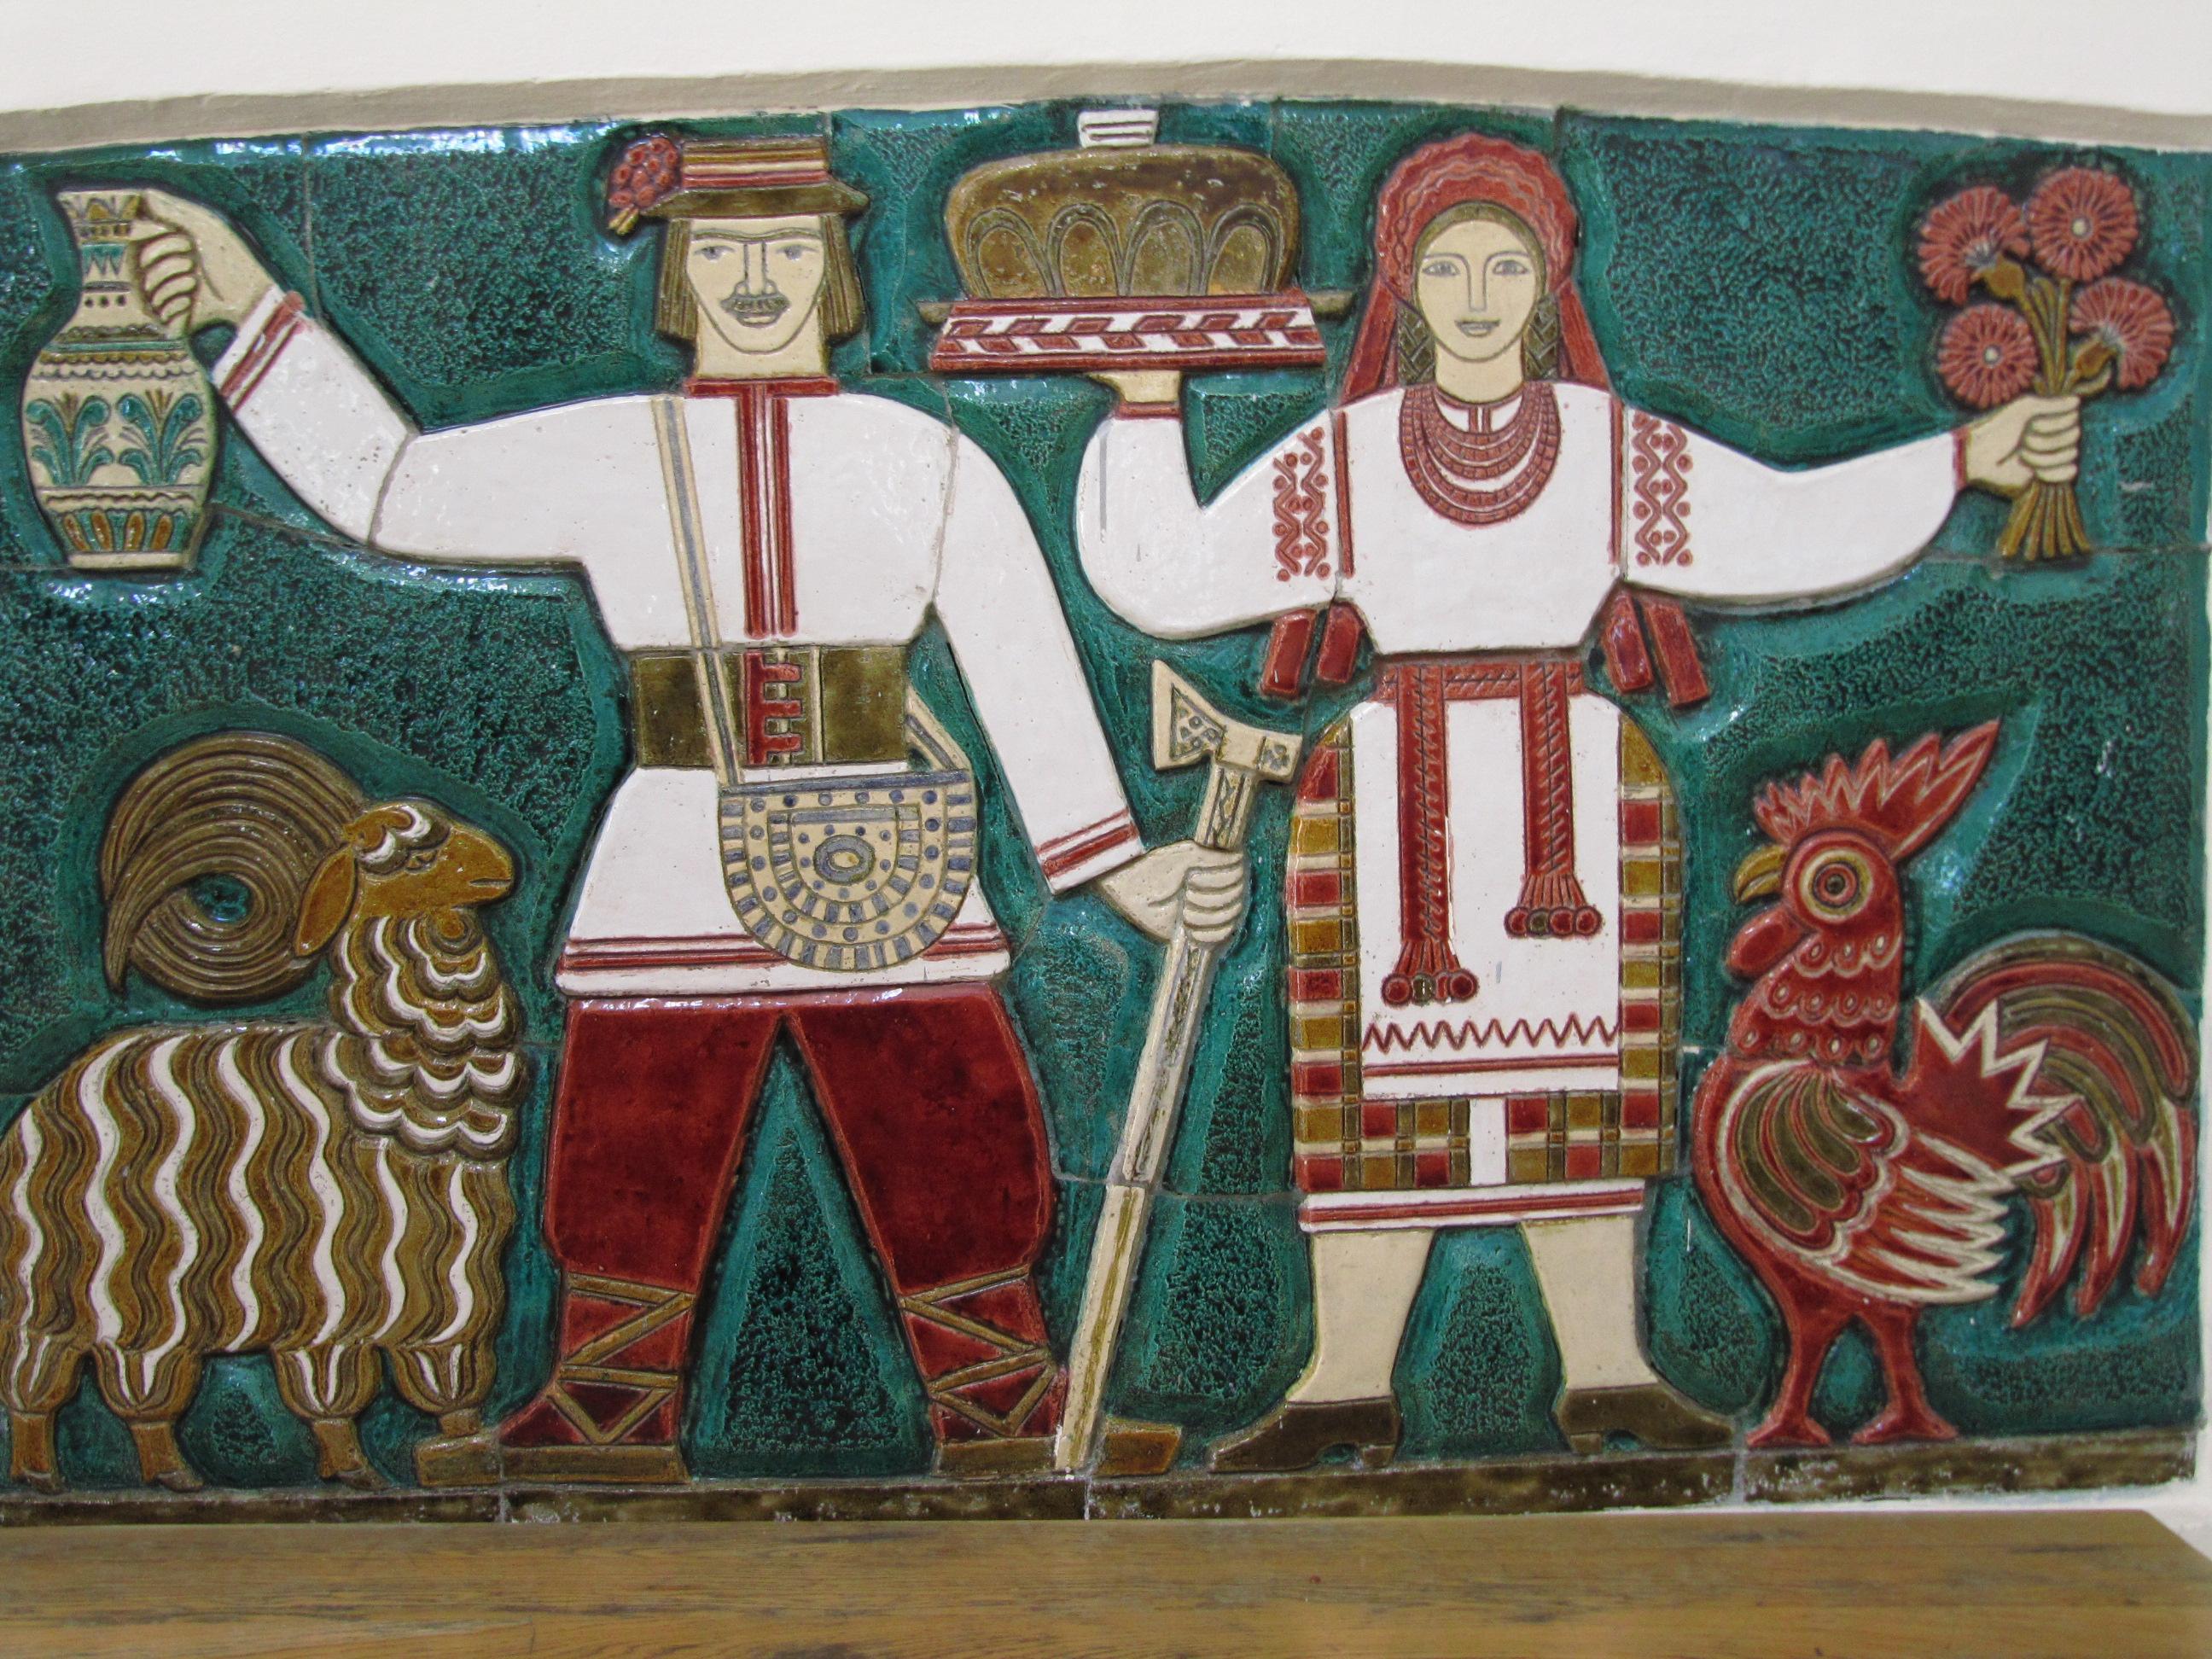 2009年ウクライナ旅行第4日目(4)キエフ:国立ウクライナ民俗装飾美術博物館(1)我ながら飽きない民俗博物館巡り